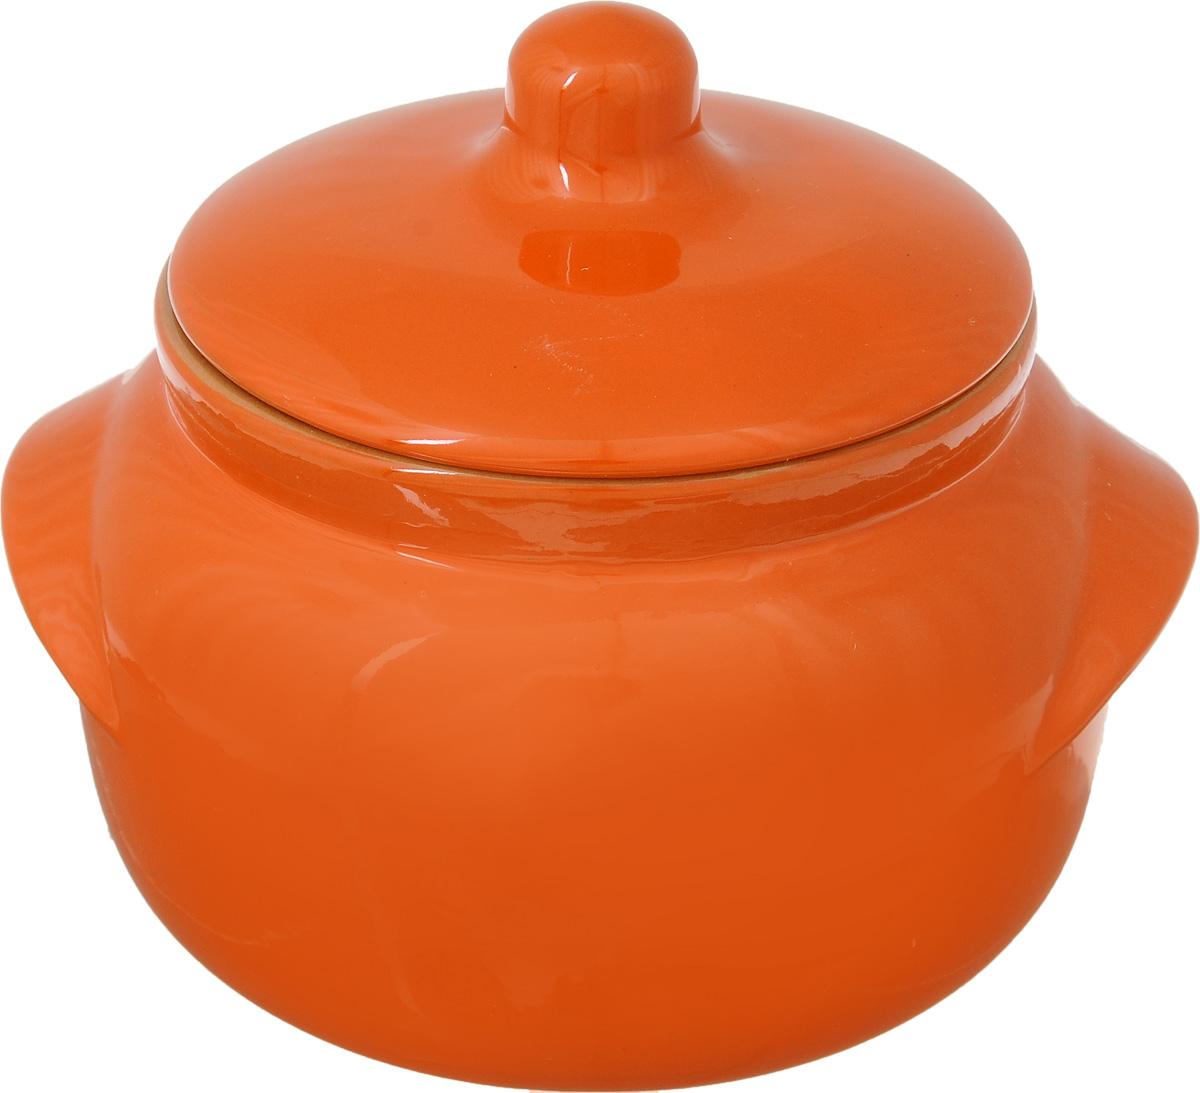 Горшочек для запекания Борисовская керамика Новарусса, цвет: оранжевый, 500 млРАД14457746Горшочек для запекания Борисовская керамика Новарусса выполнен из высококачественной керамики. Внутренняя и внешняя поверхность покрыты глазурью. Керамика абсолютно безопасна, поэтому изделие придется по вкусу любителям здоровой и полезной пищи. Горшок для запекания с крышкой очень вместителен и имеет удобную форму. .Посуда жаропрочная. Можно использовать в духовке и микроволновой печи.Диаметр горшочка (по верхнему краю): 10 см. Высота (без учета крышки): 19 см.